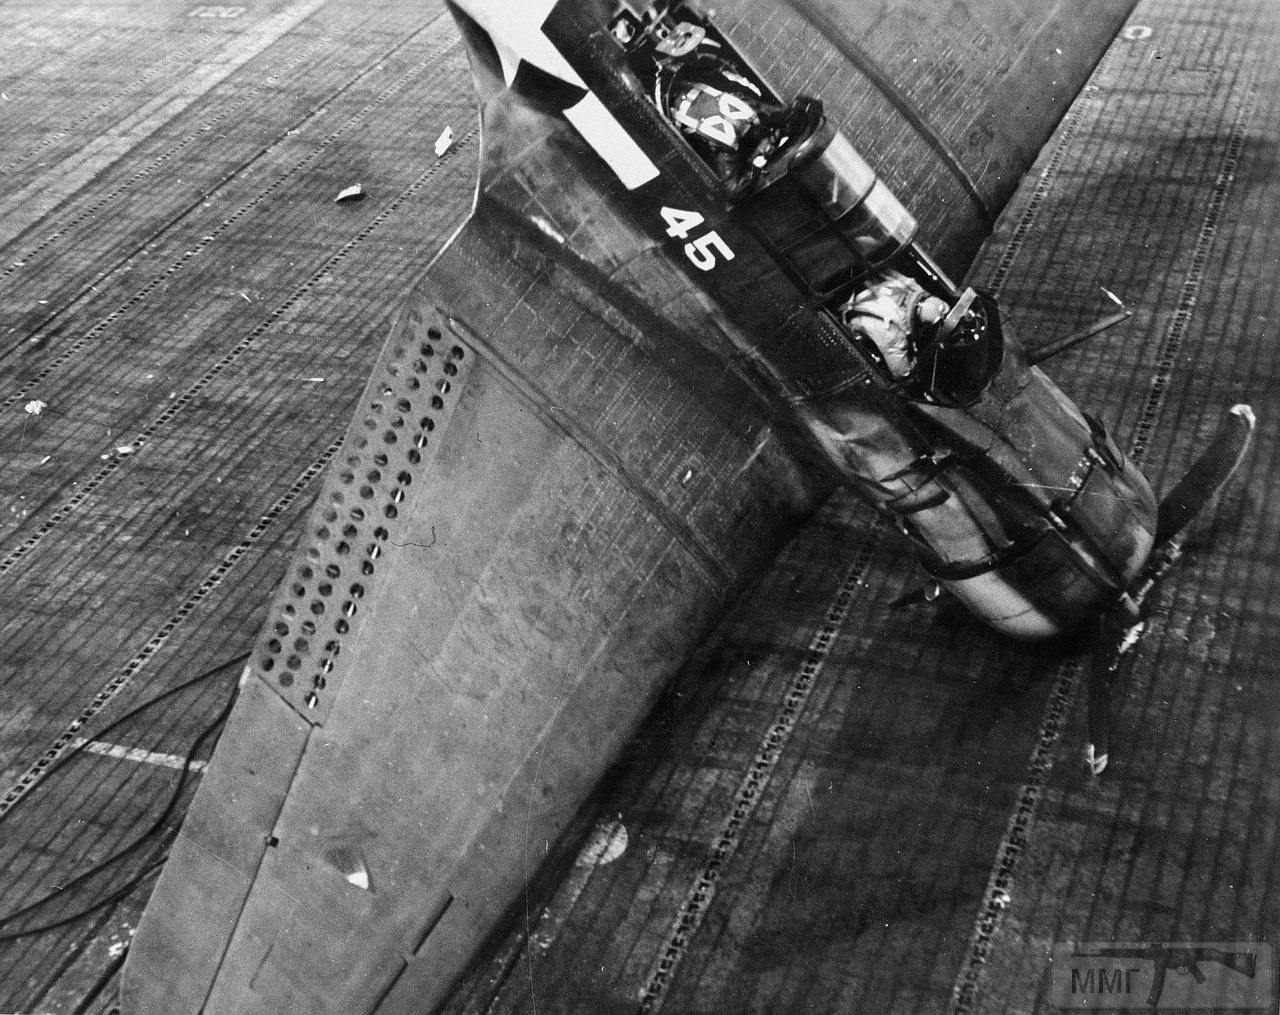 22743 - Военное фото 1941-1945 г.г. Тихий океан.